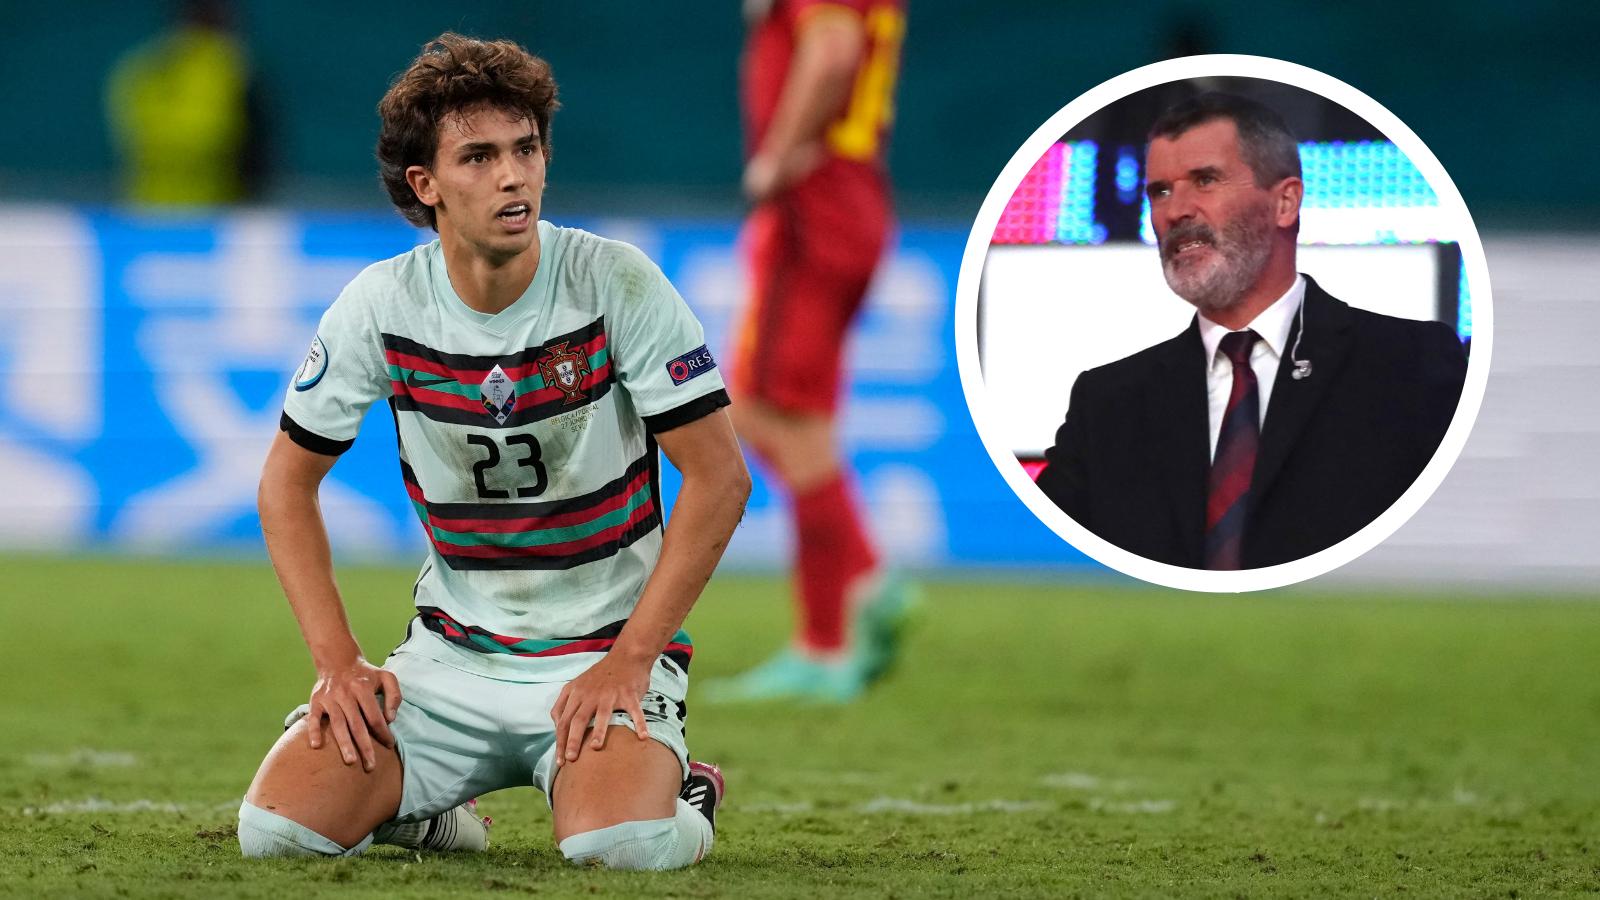 Keane labels Portugal star Felix 'imposter' after Euro 2020 elimination